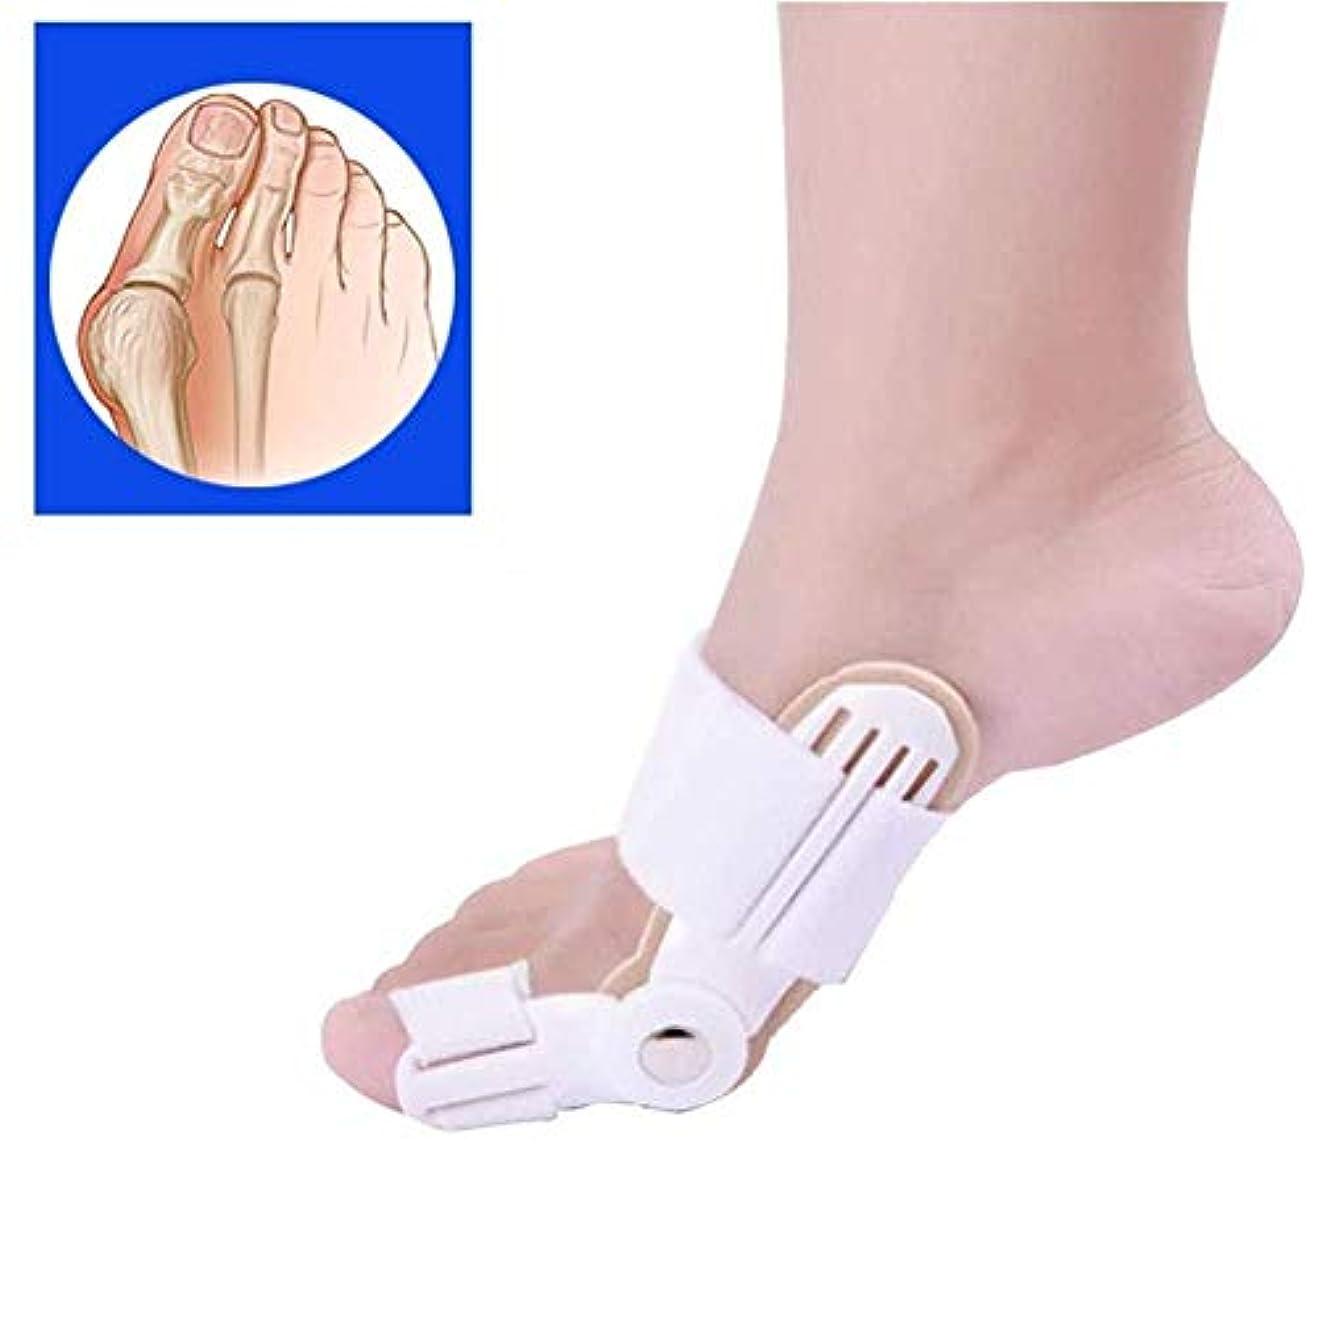 ダッシュパースブラックボロウ維持するつま先の添え木、足の親指の矯正、外反母hallセパレーター、滑液包炎緩和プロテクター、つま先の関節スペーサー、矯正の痛み